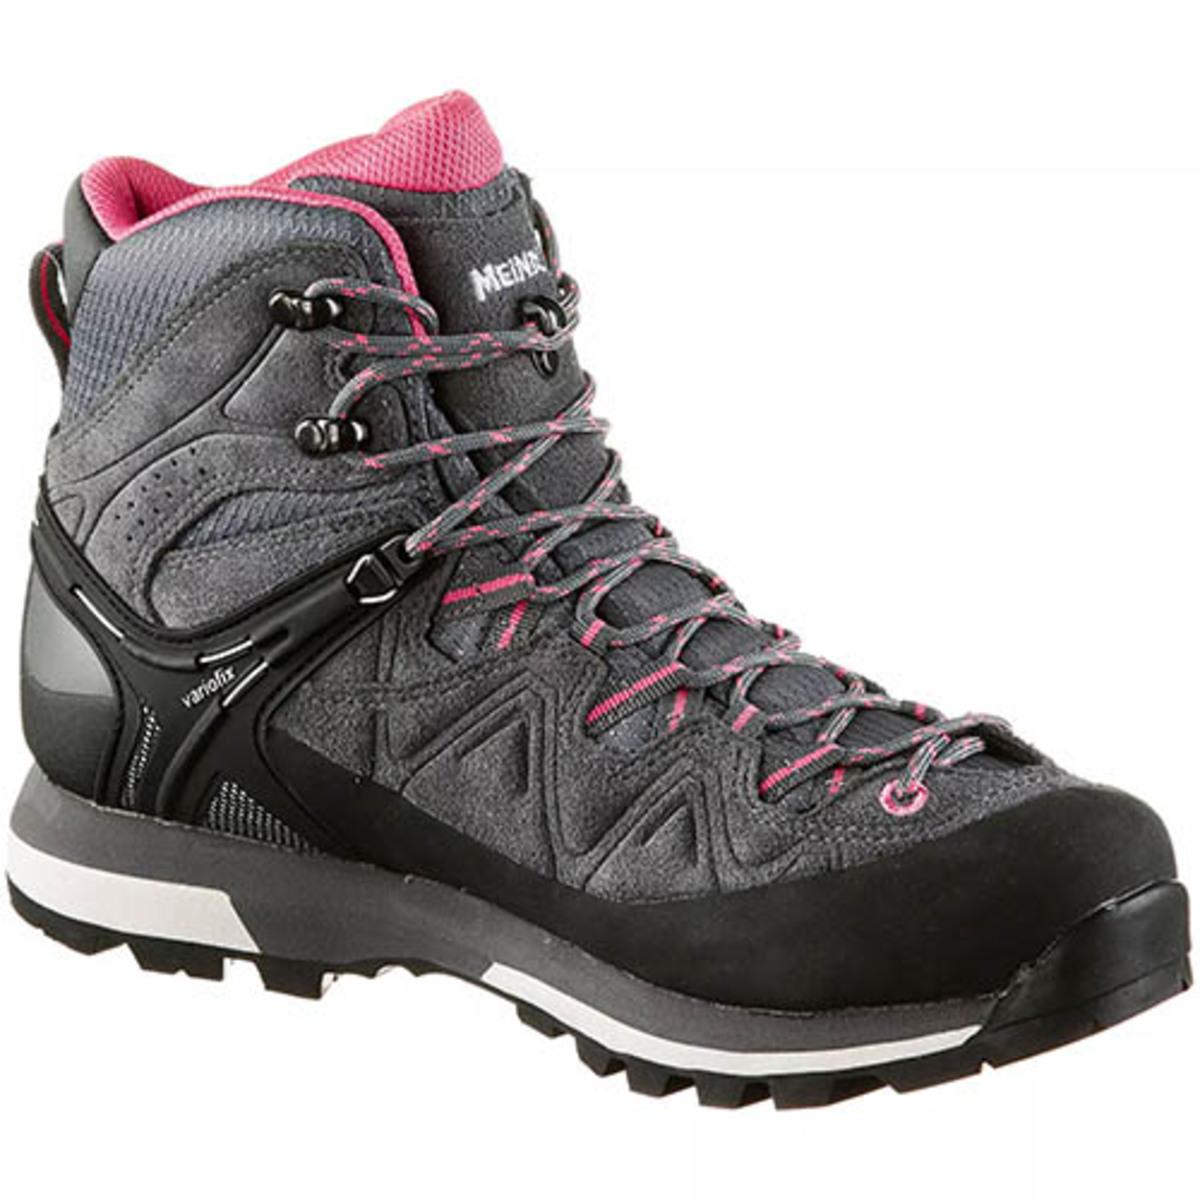 女裝中筒防水行山鞋 Tonale Lady GTX-Anth/Rose-3843